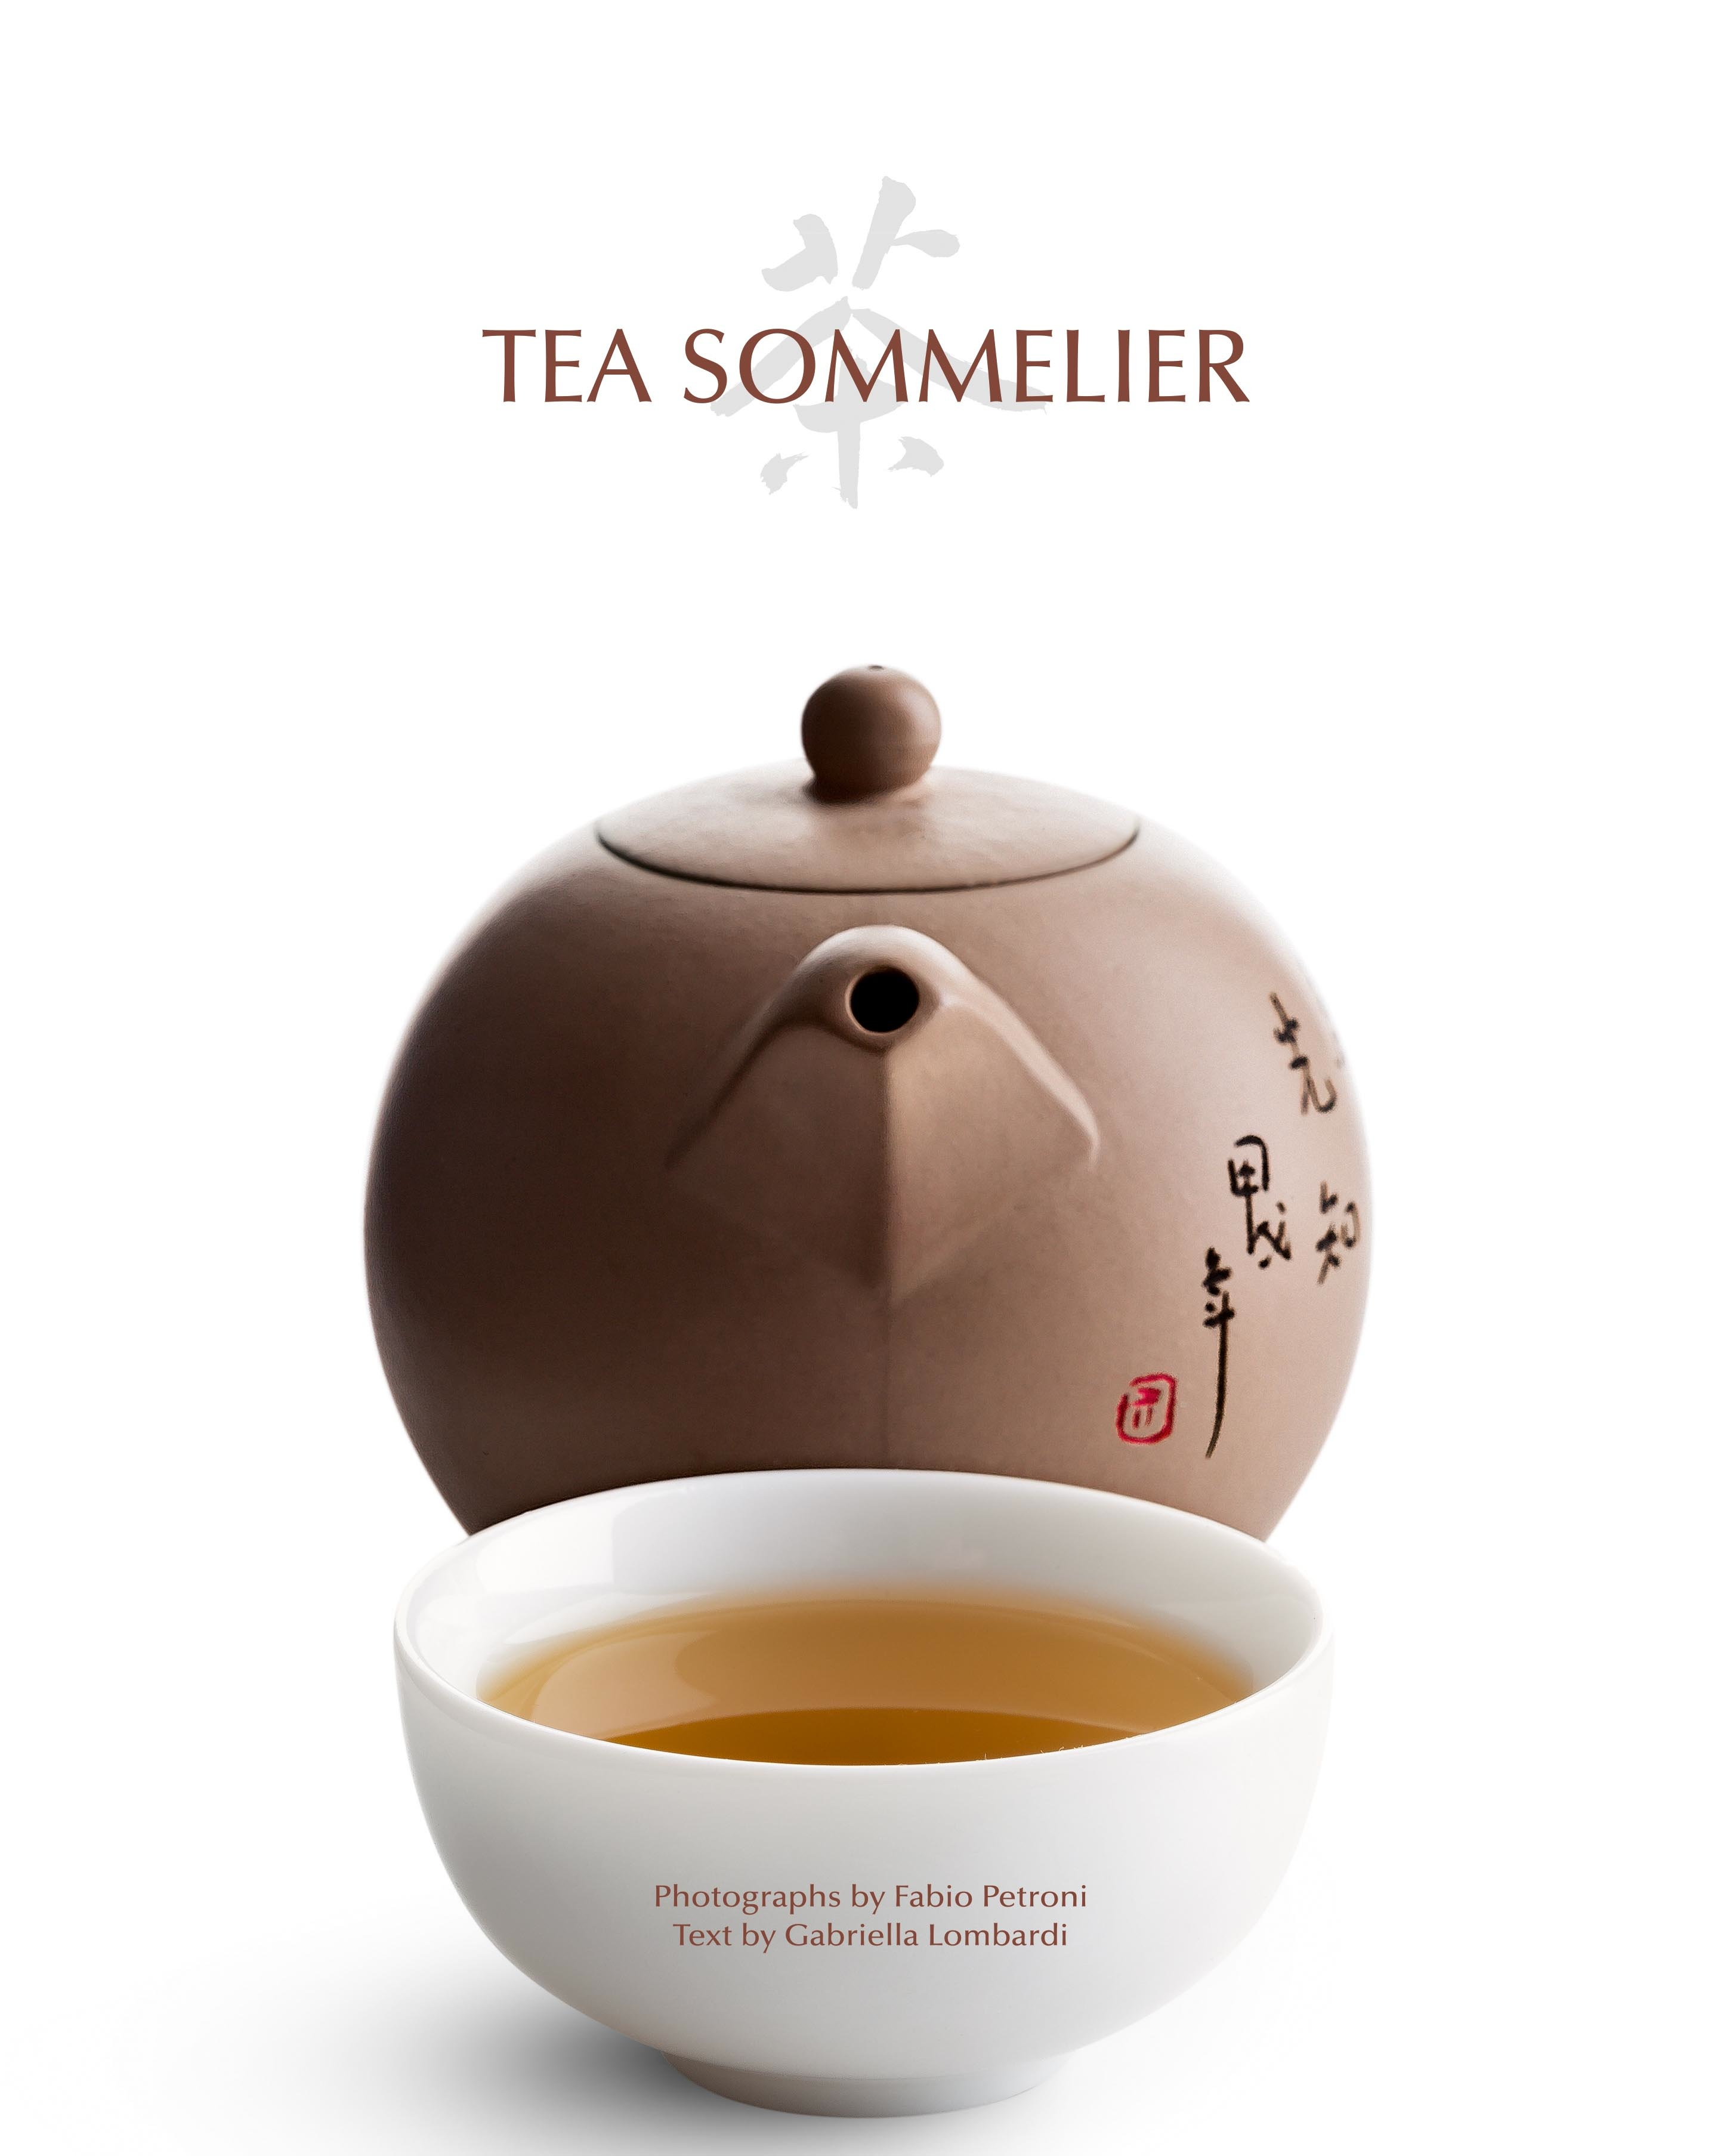 Tea sommelier